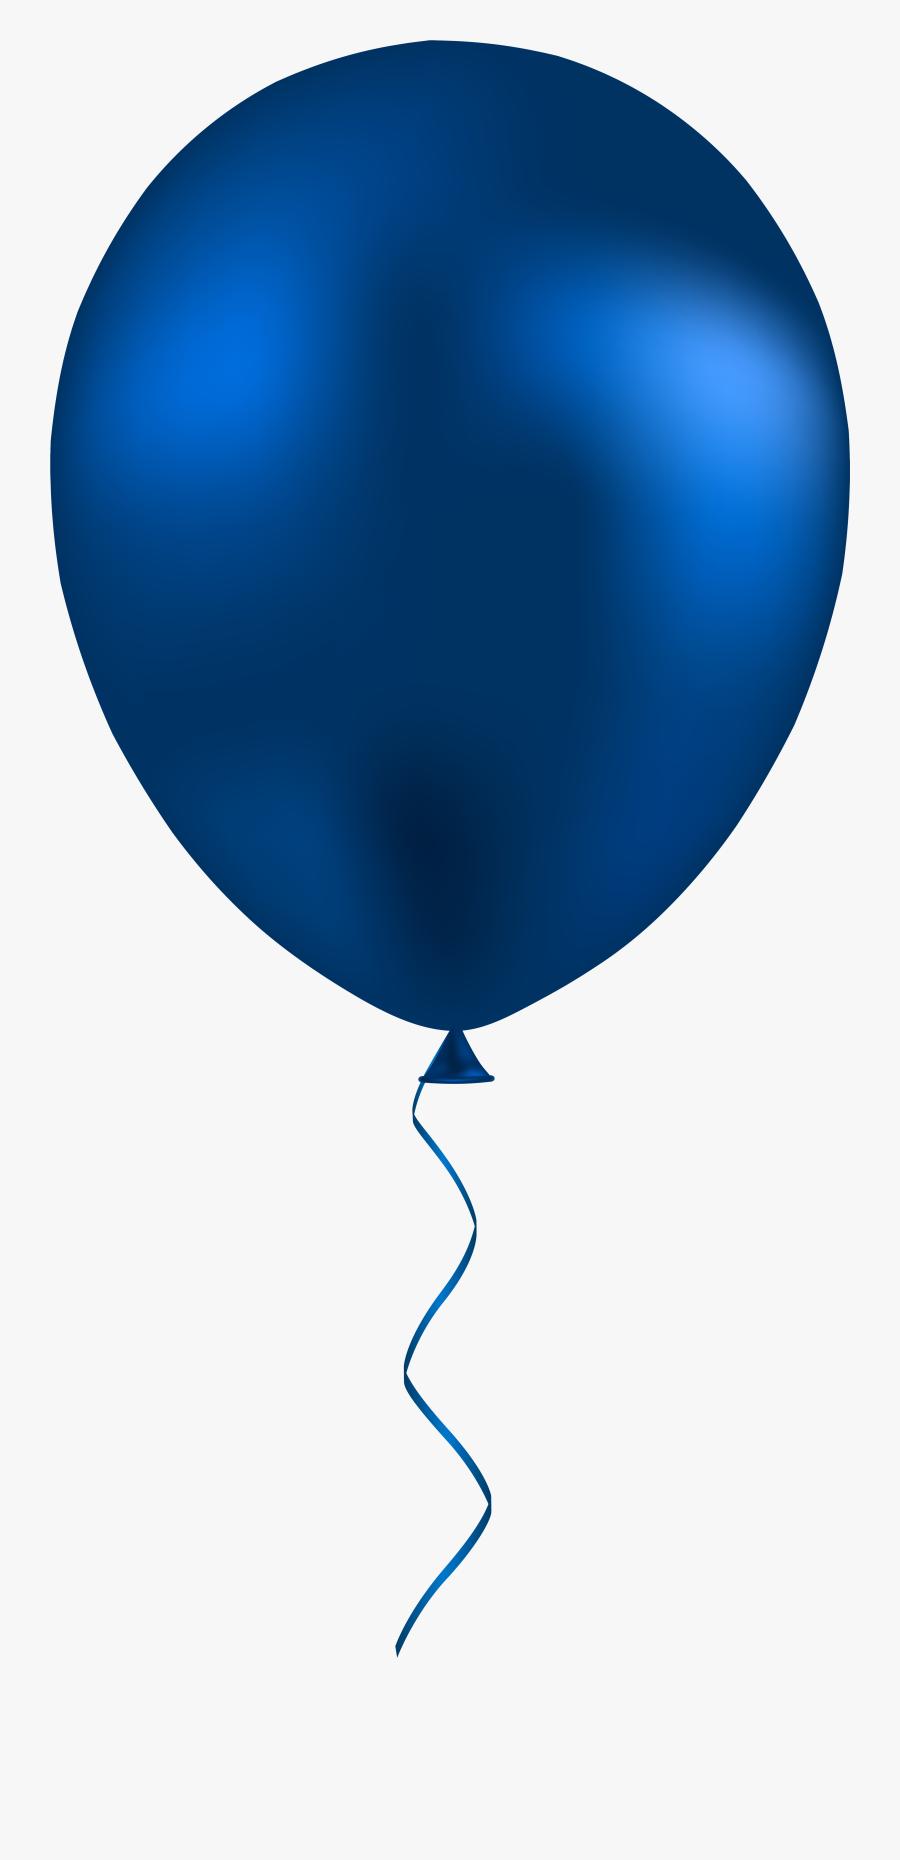 Dark Blue Balloon Png Clip Art - Dark Blue Balloon Png, Transparent Clipart